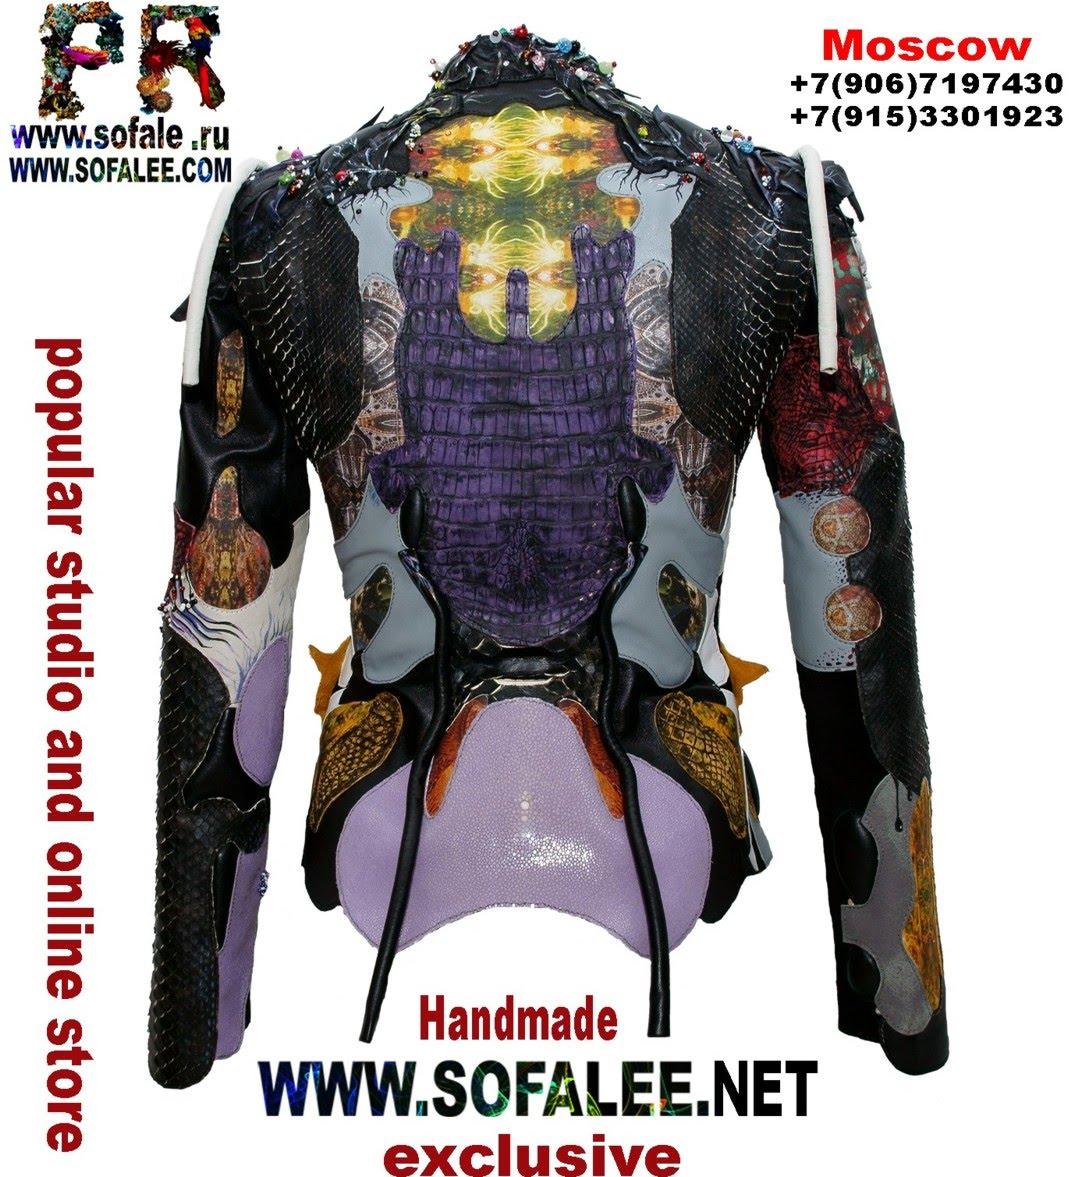 куртка из кожи крокодила и питона с вышивкой 4